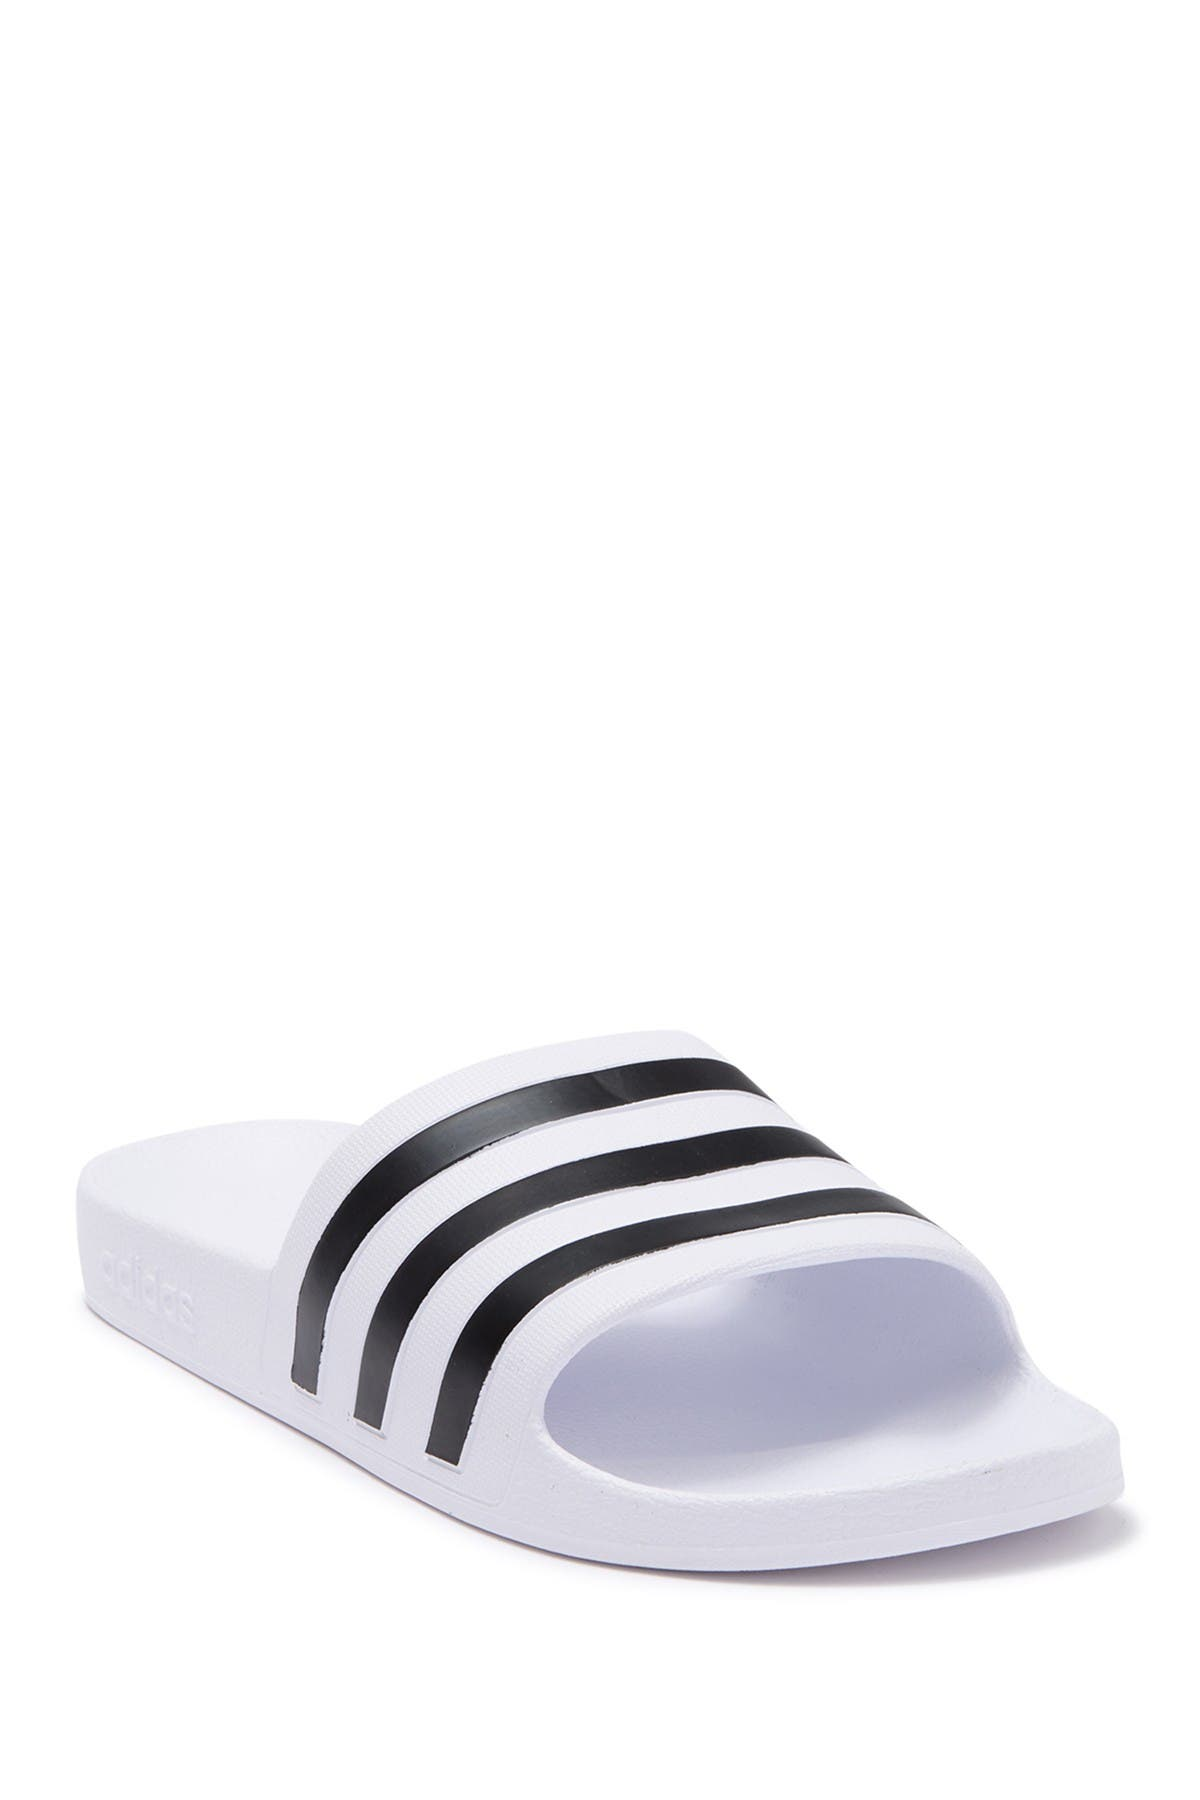 Adidas Originals ADILETTE AQUA SLIDE SANDAL